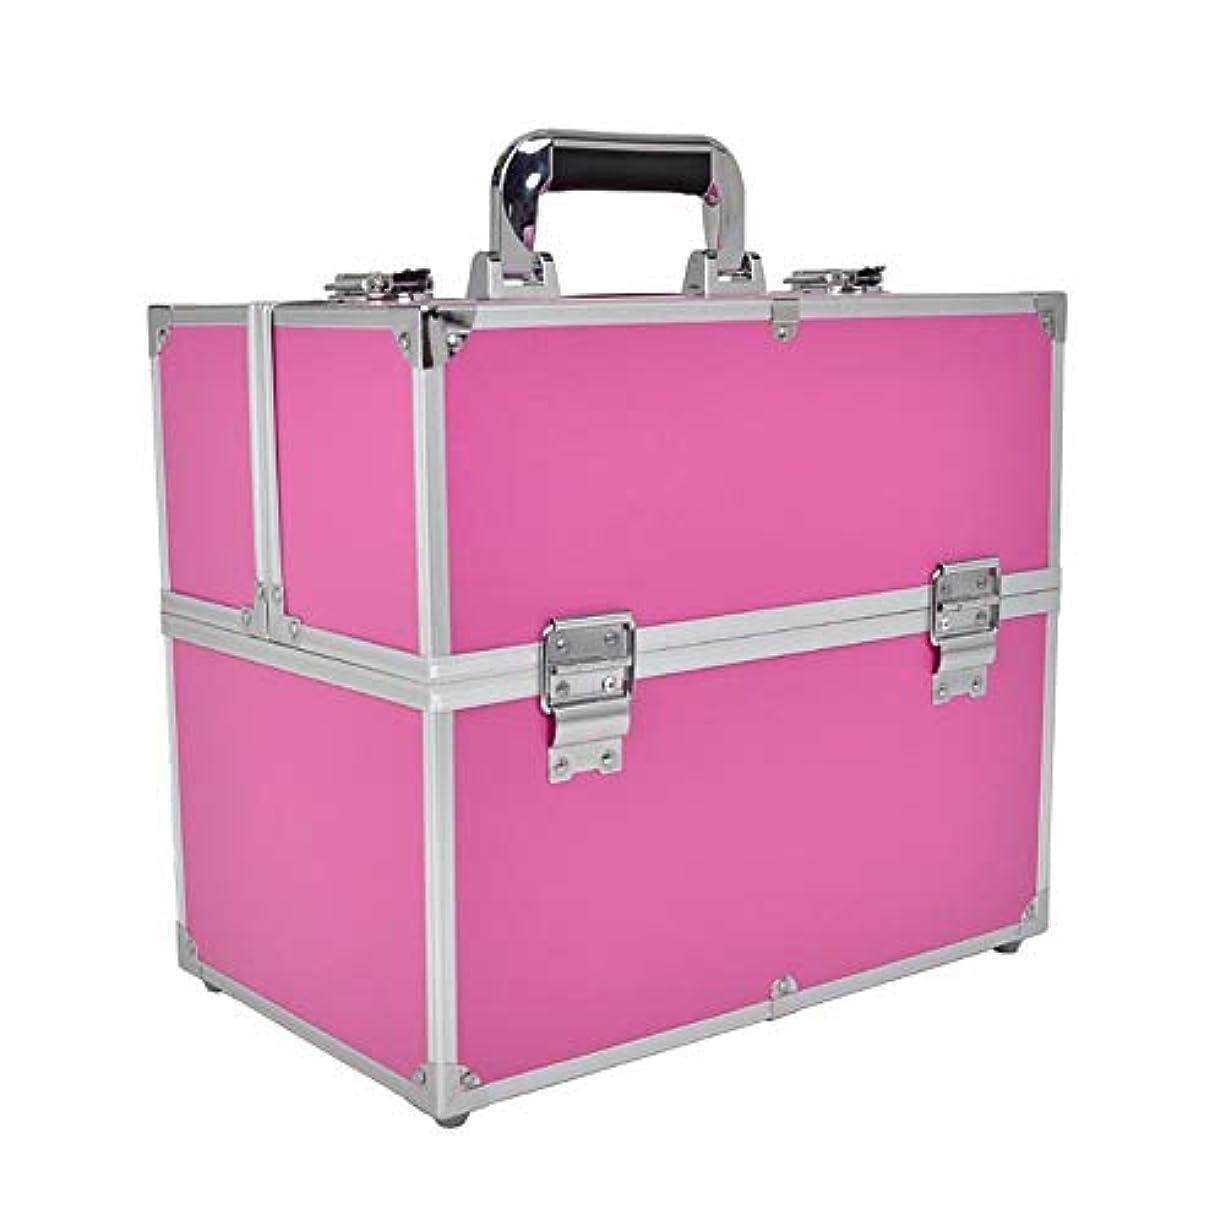 古風なバッグブロー化粧オーガナイザーバッグ 6トレイの小さなものの種類のための旅行のための美容メイクアップのための大容量大容量化粧品ケース 化粧品ケース